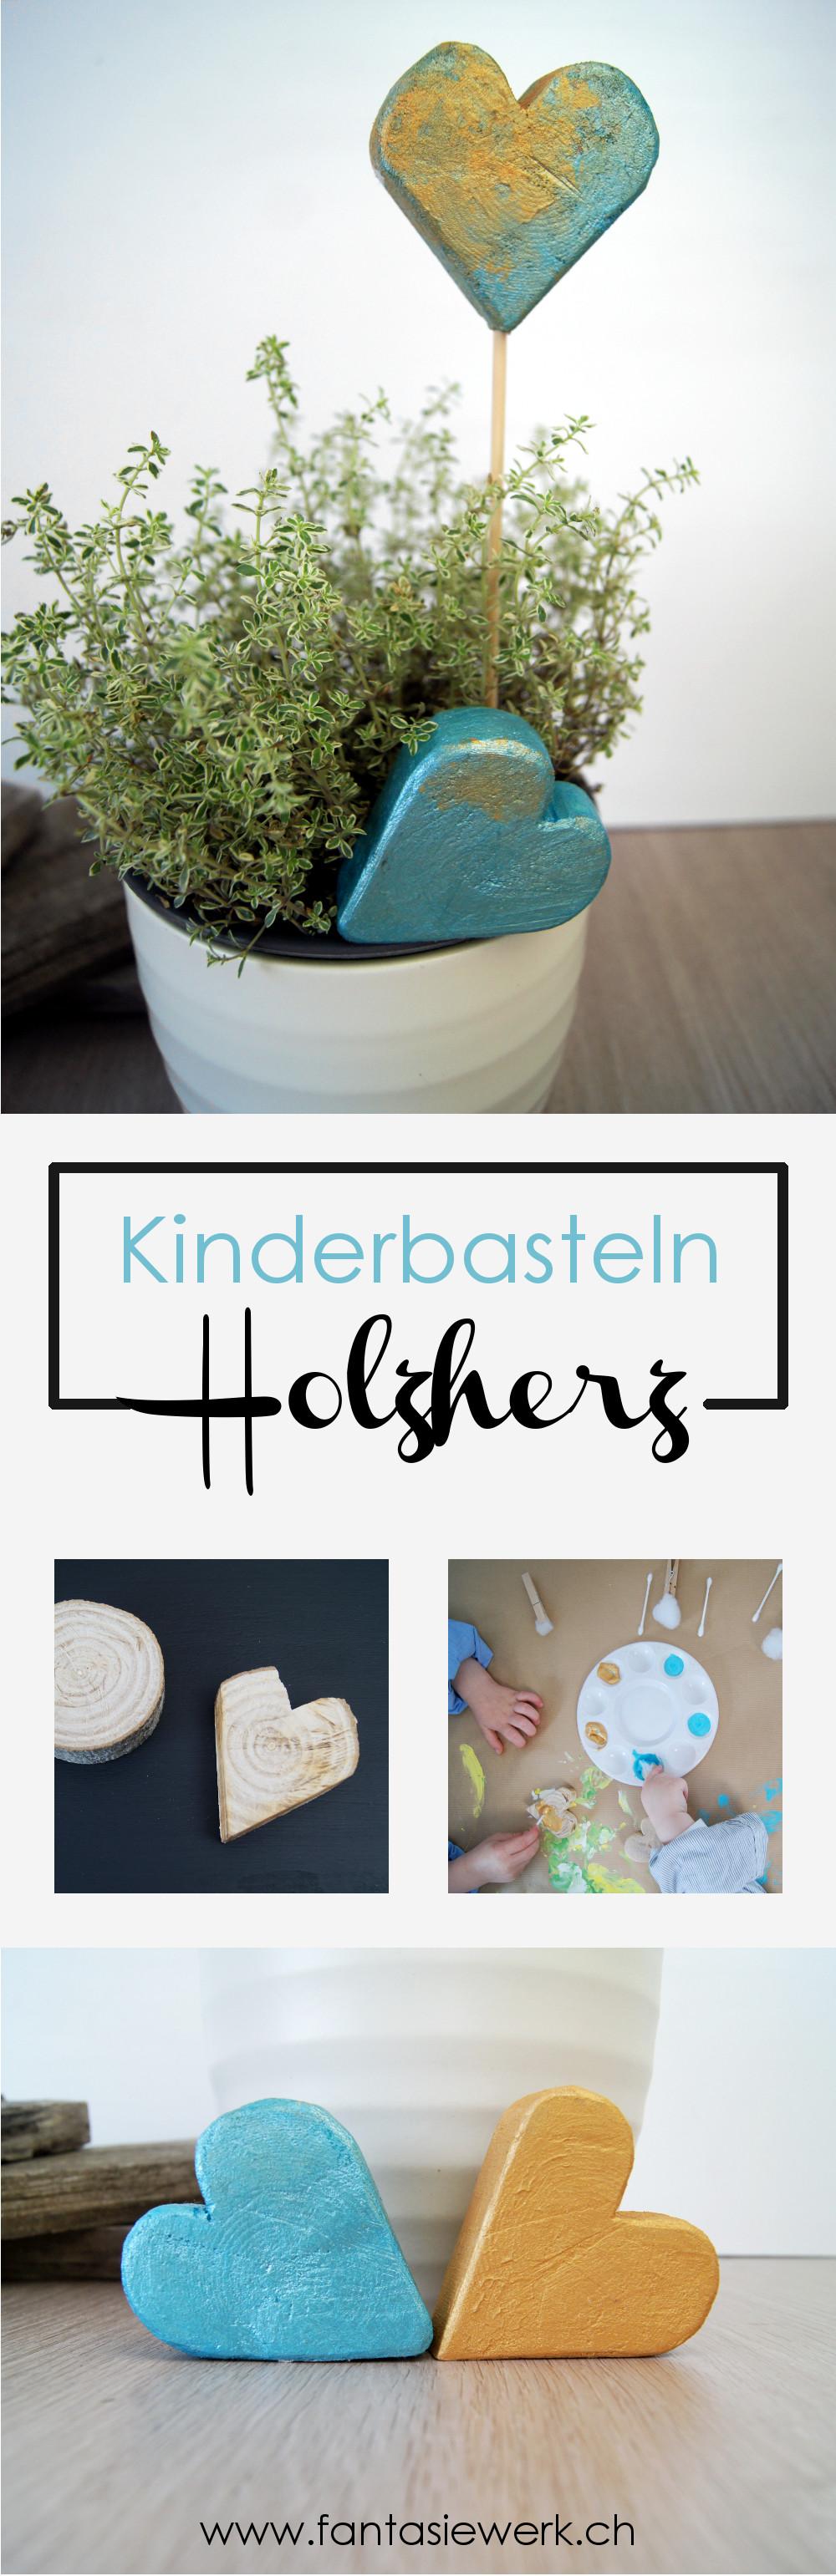 Herz aus Holz sägen und mit Kindern bemalen | Anleitung für ein kreatives Eltern Kind Projekt | von Fantasiewerk #bastelnmitkindern